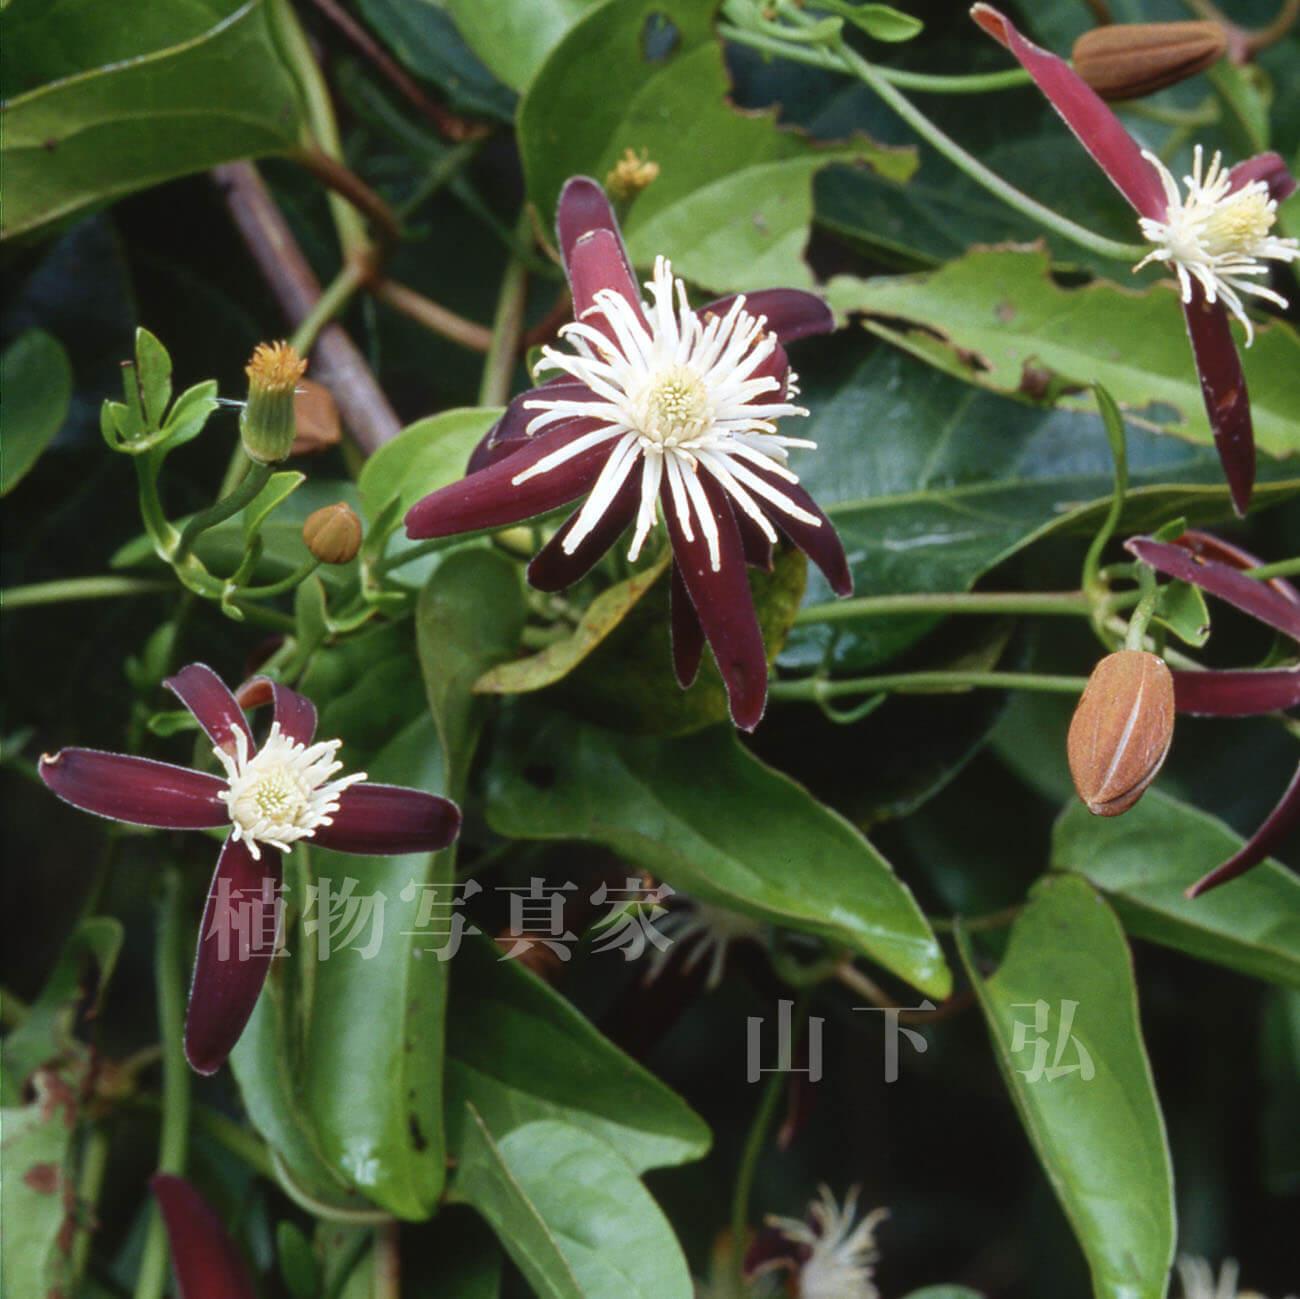 奄美大島のヤエヤマセンニンソウと初秋の花々